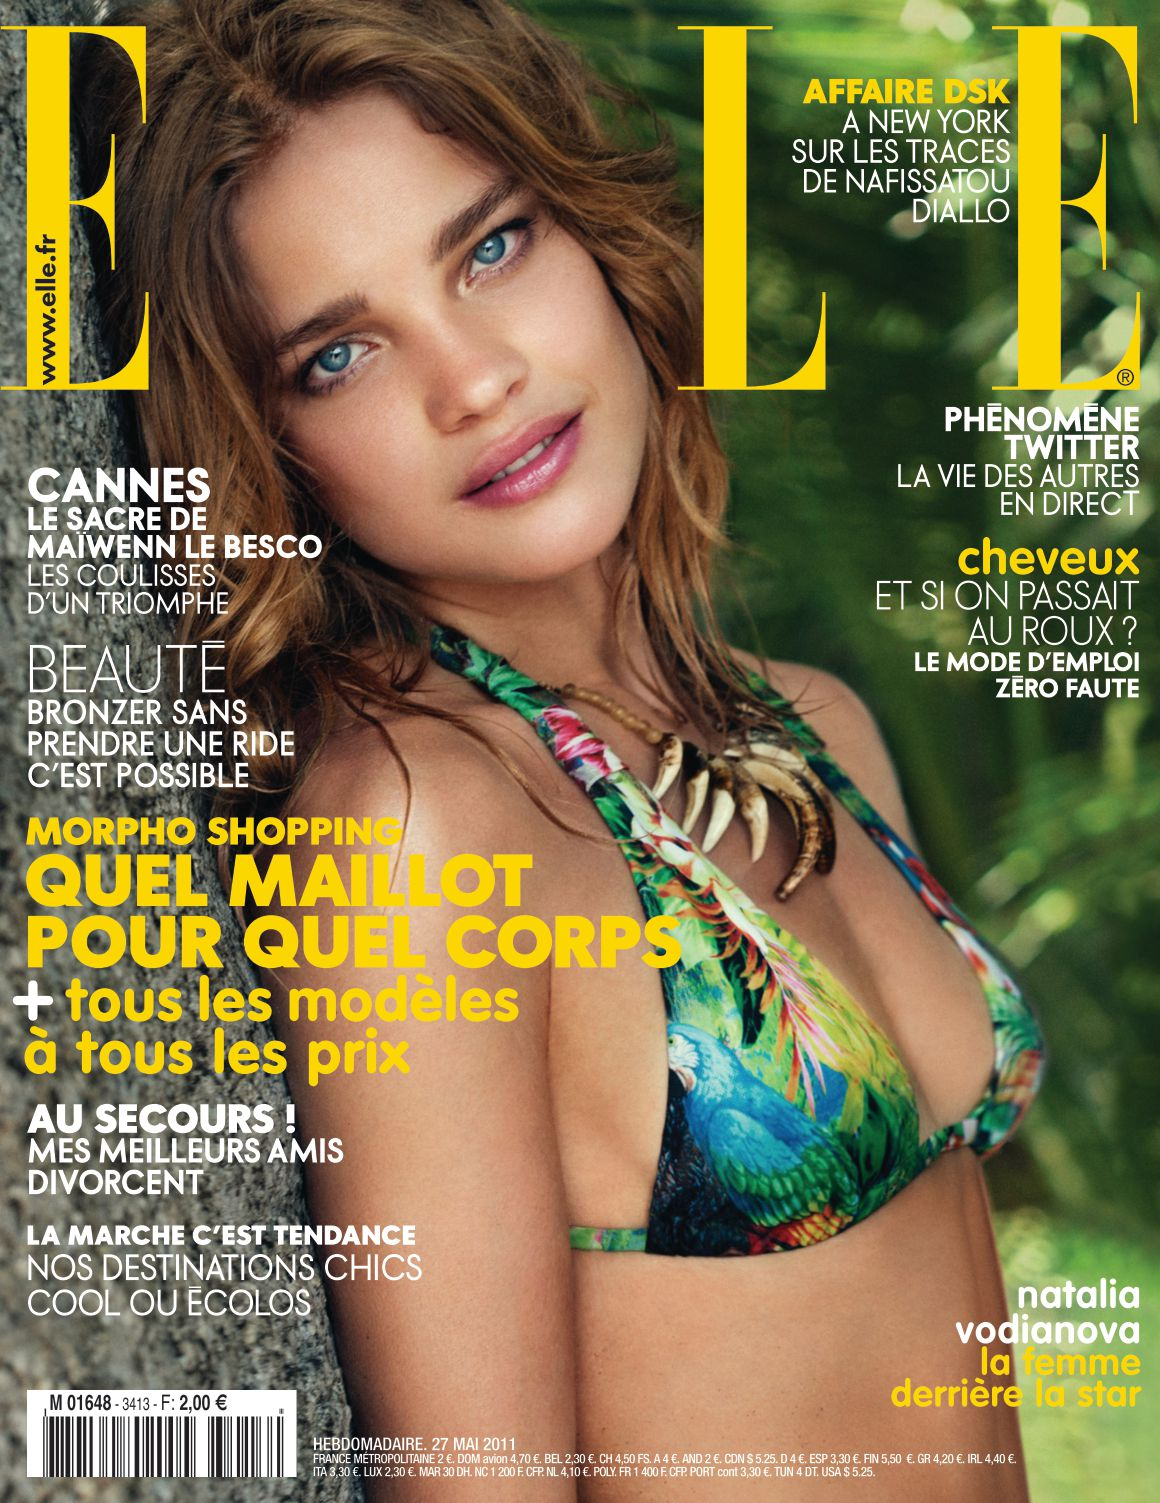 Elle n°3413 – Carnet Paris – Mai 11